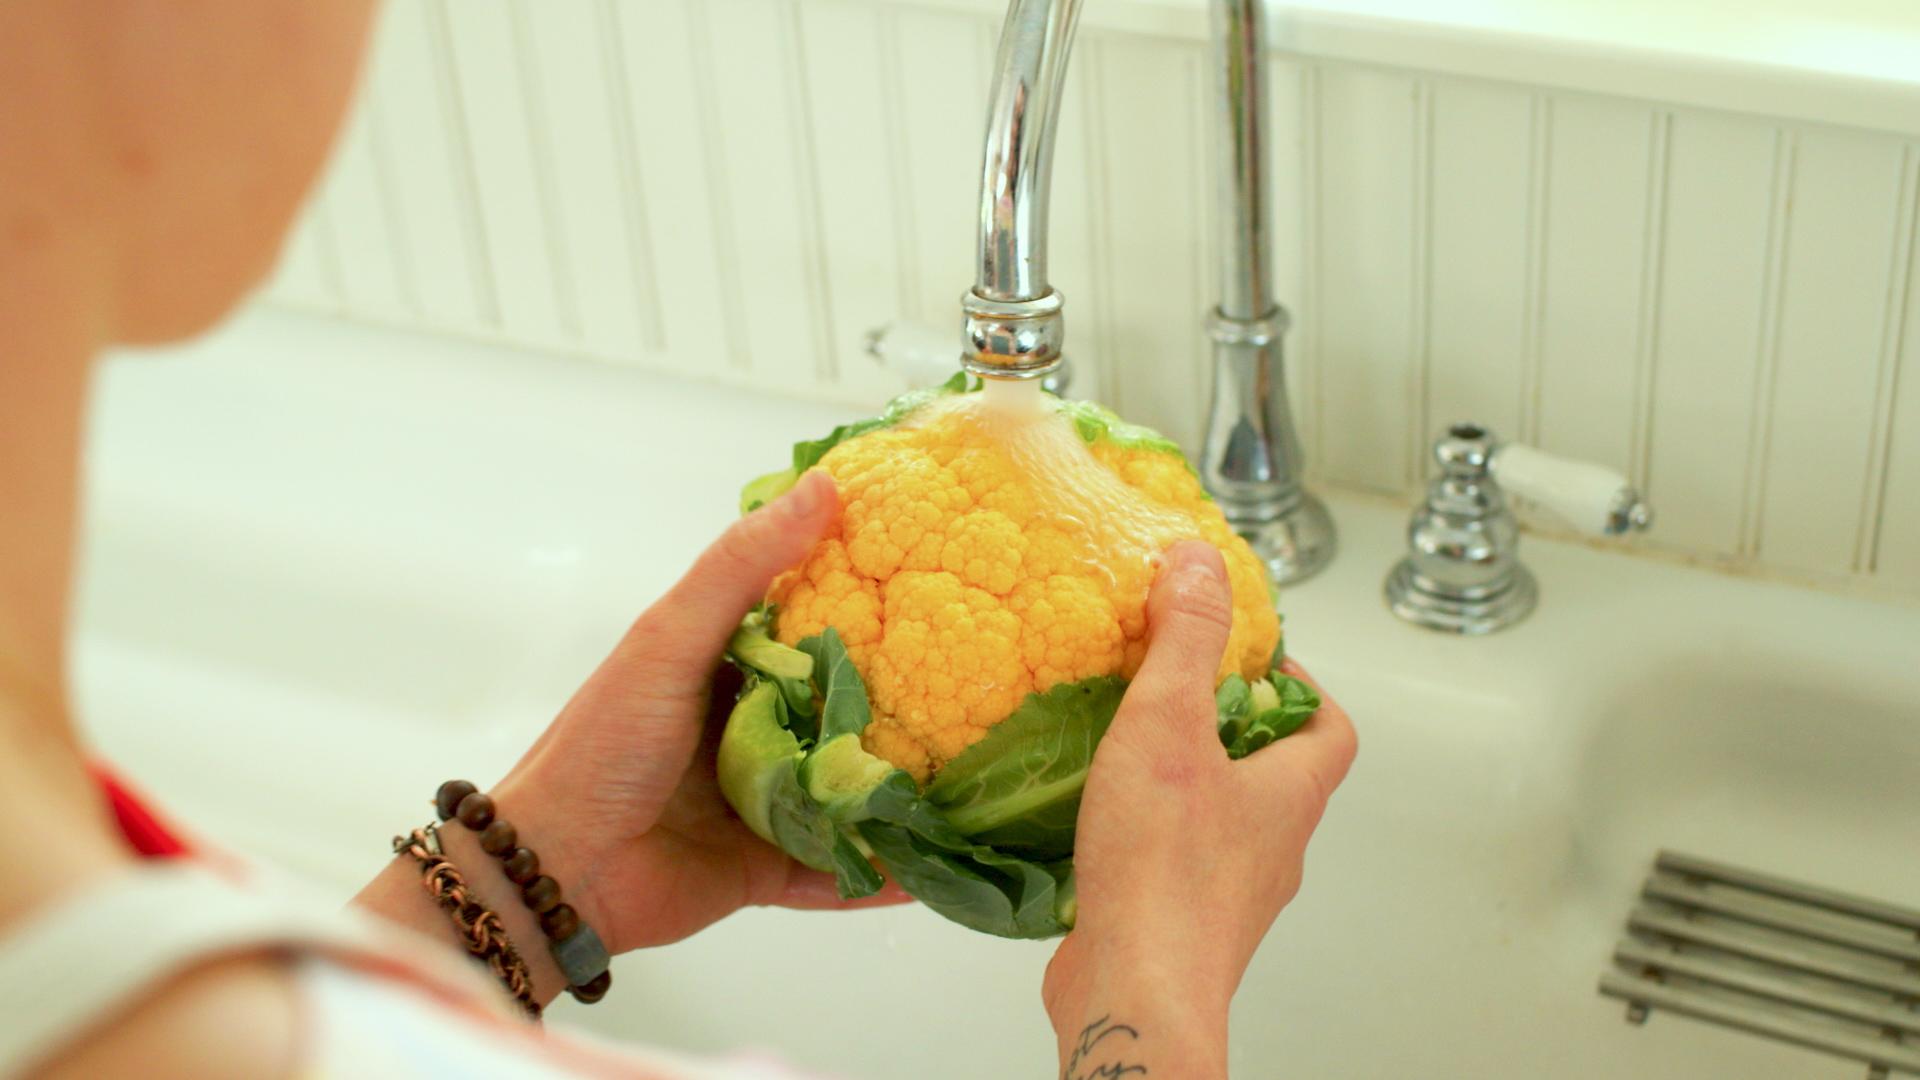 Cauliflower_Wash.jpg